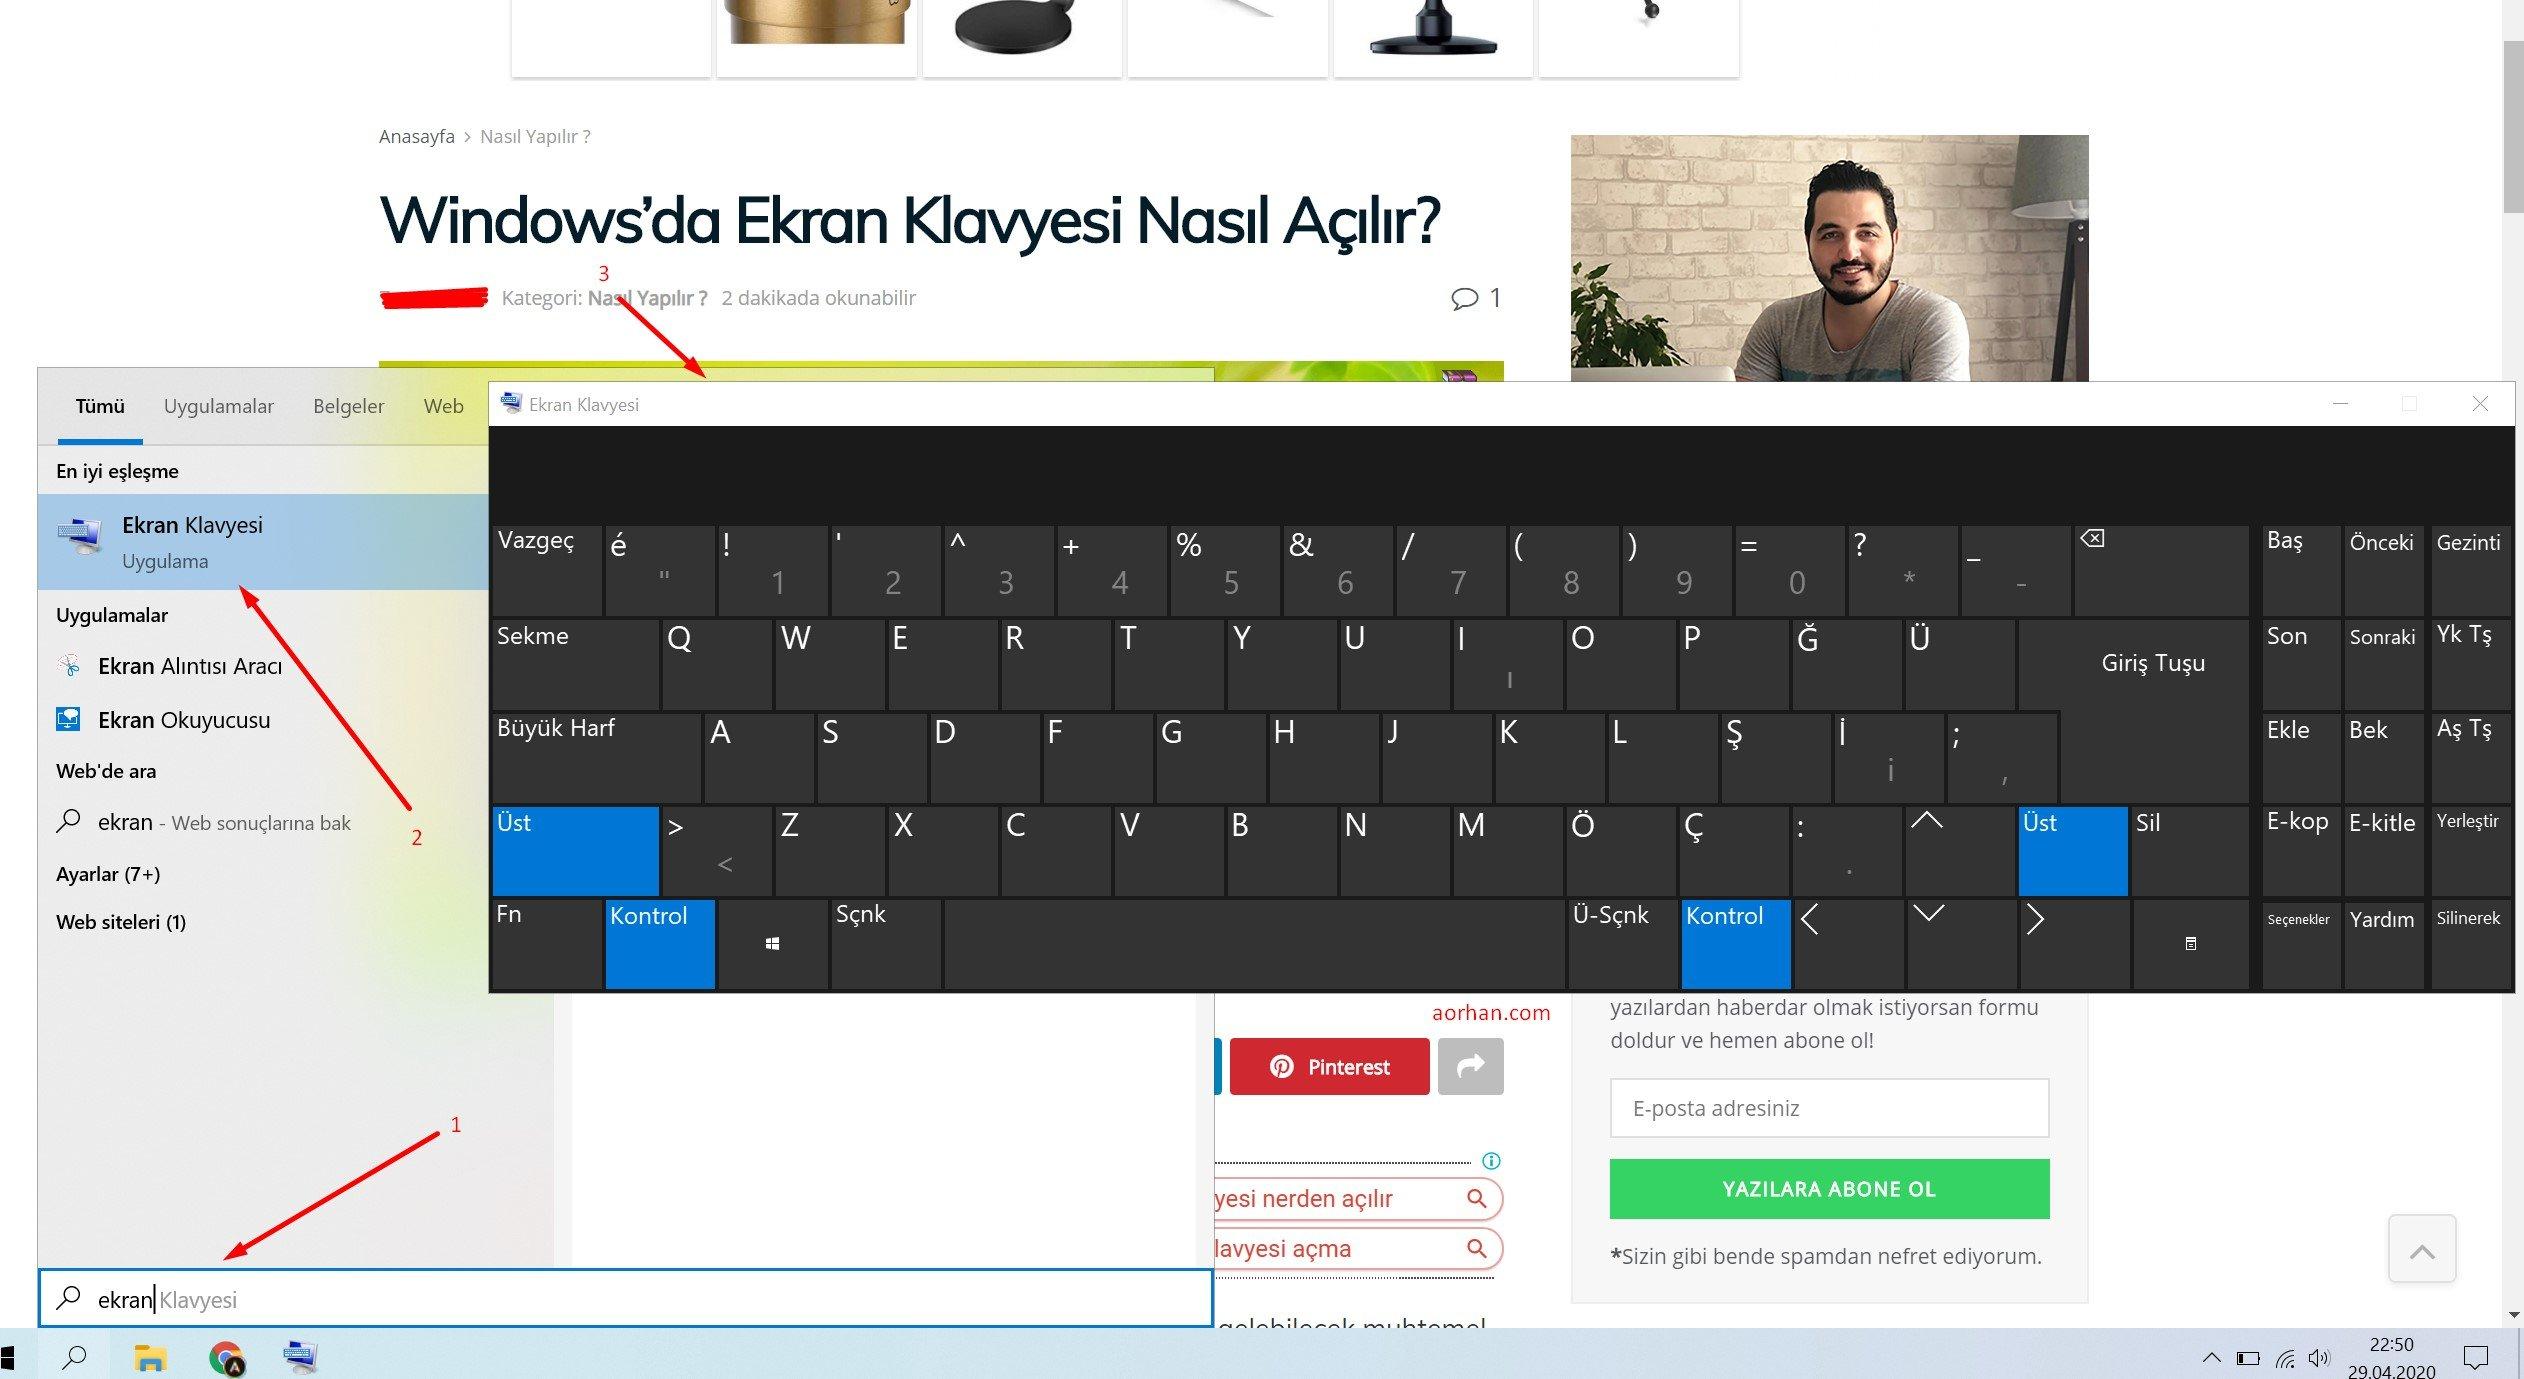 Windows'da Ekran Klavyesi Nasıl Açılır?